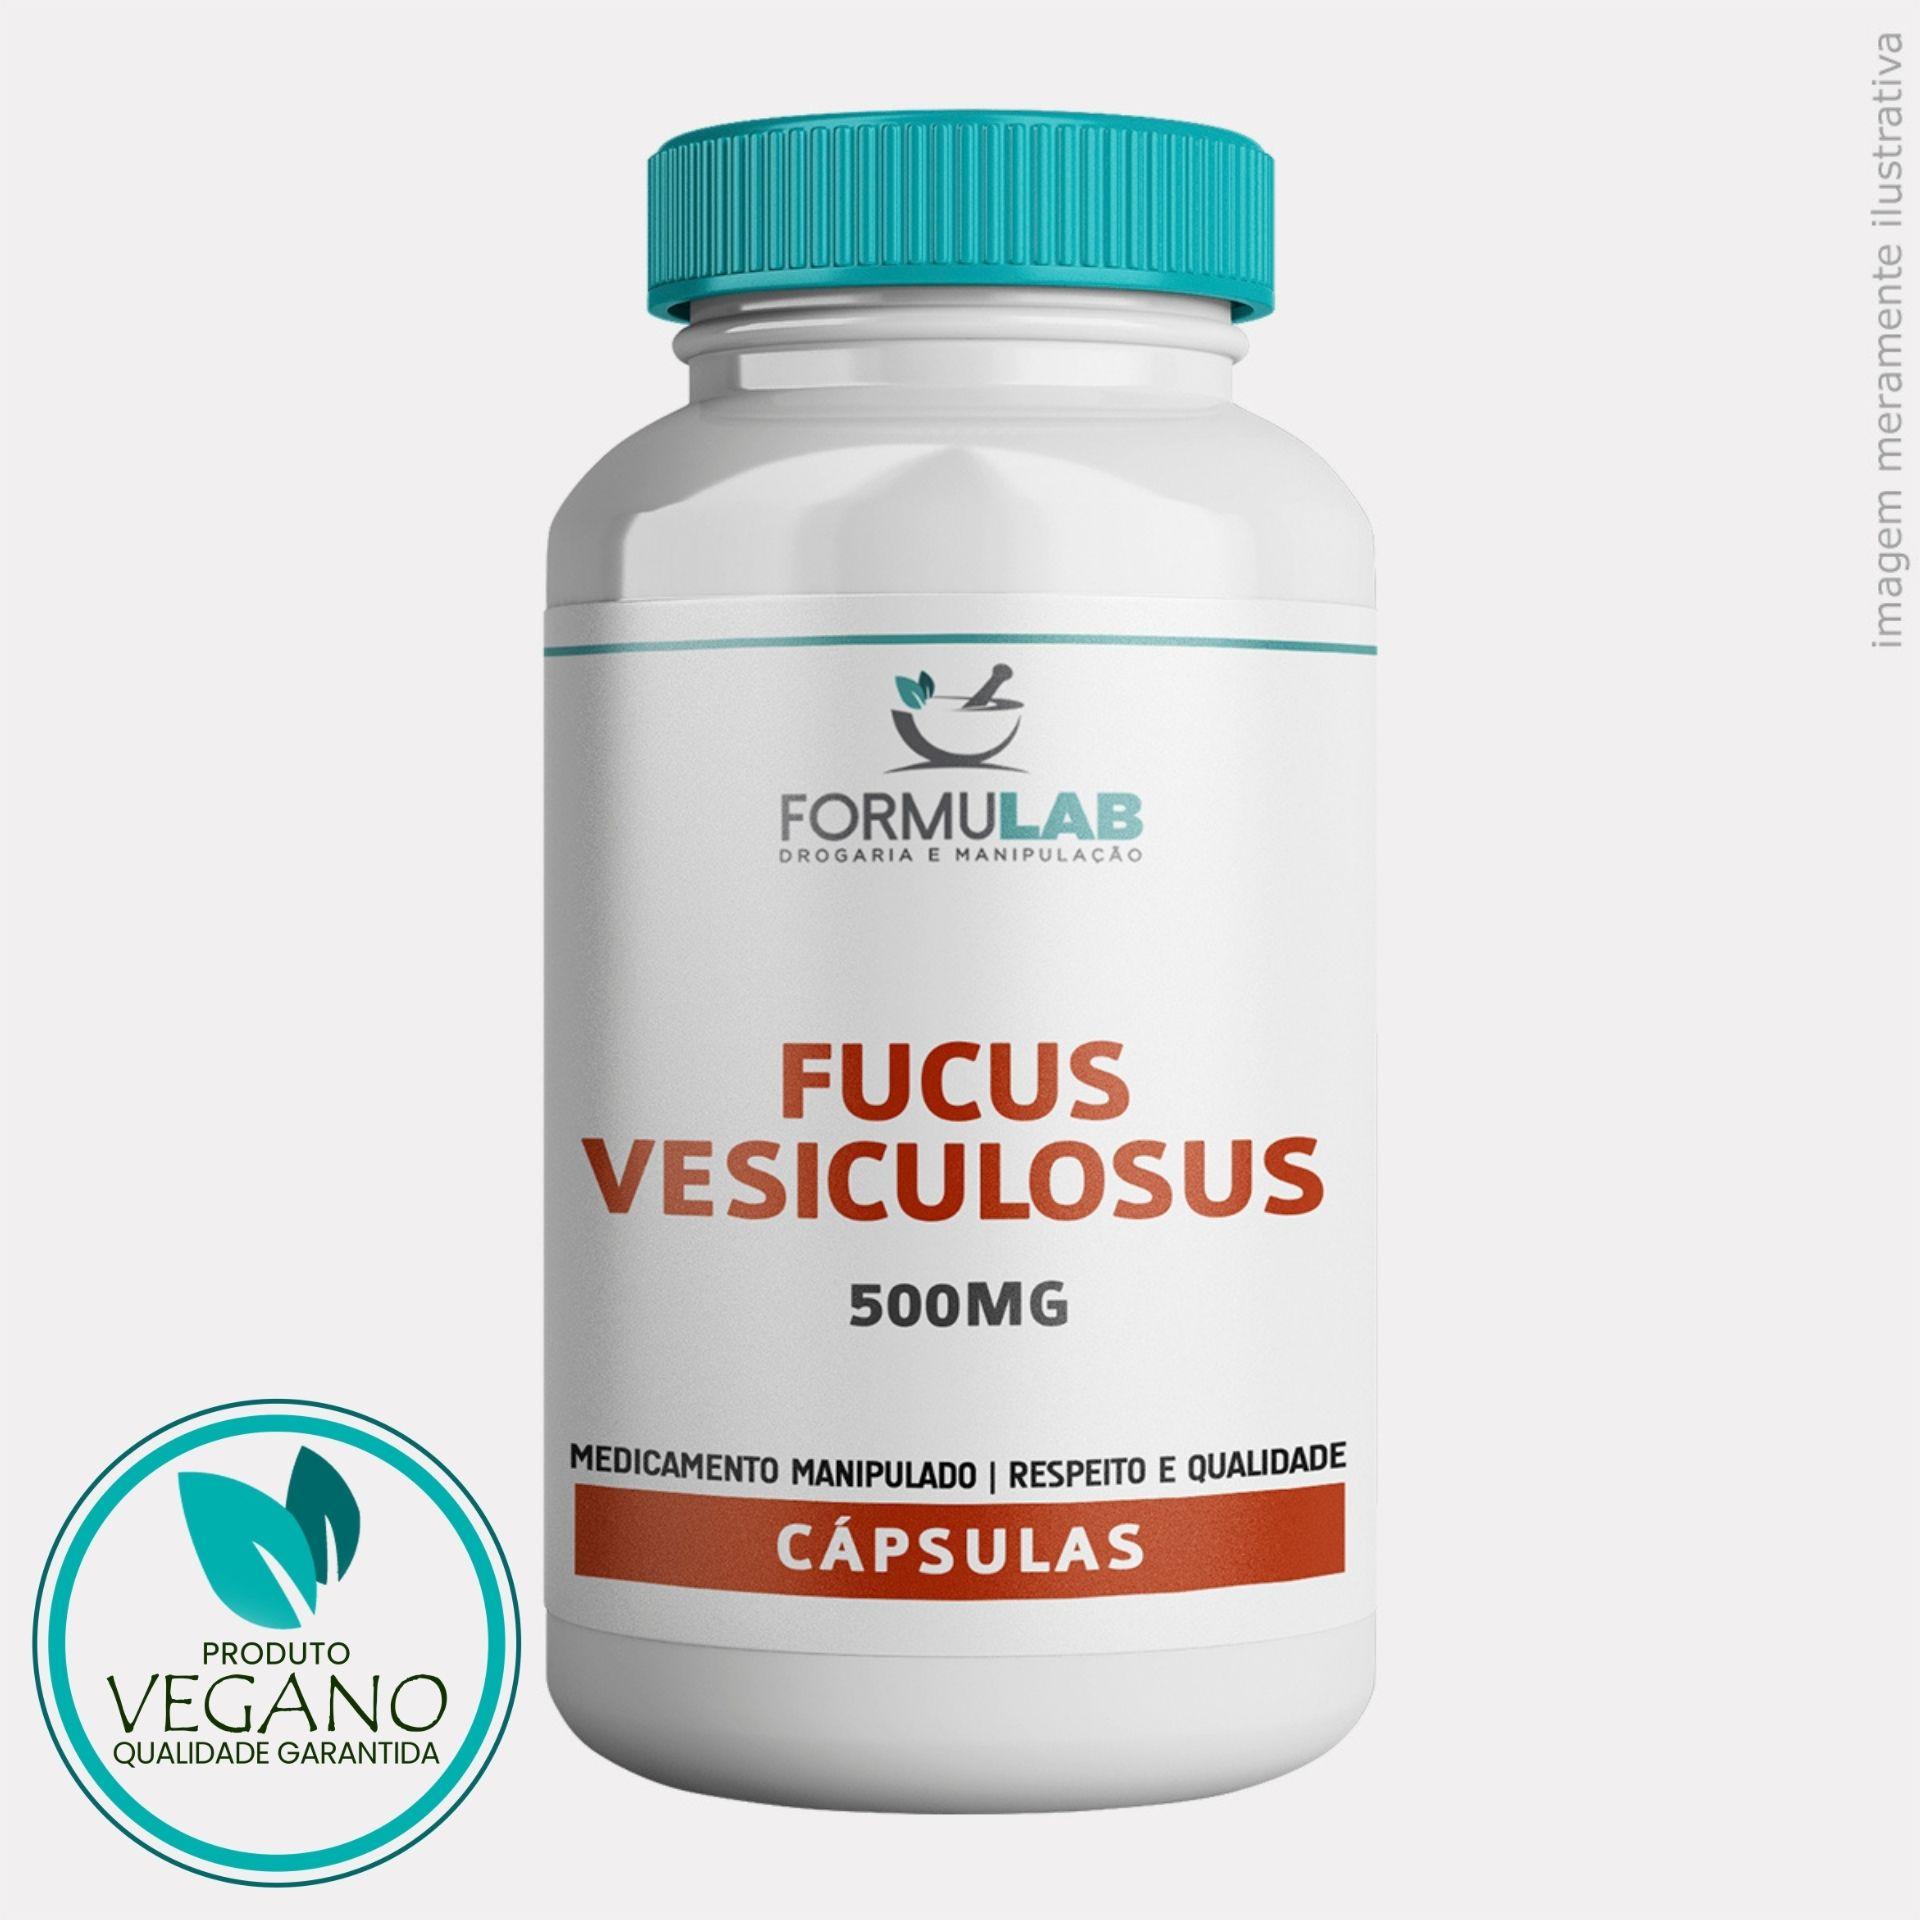 Fucus Vesiculosus - 500mg - VEGANO